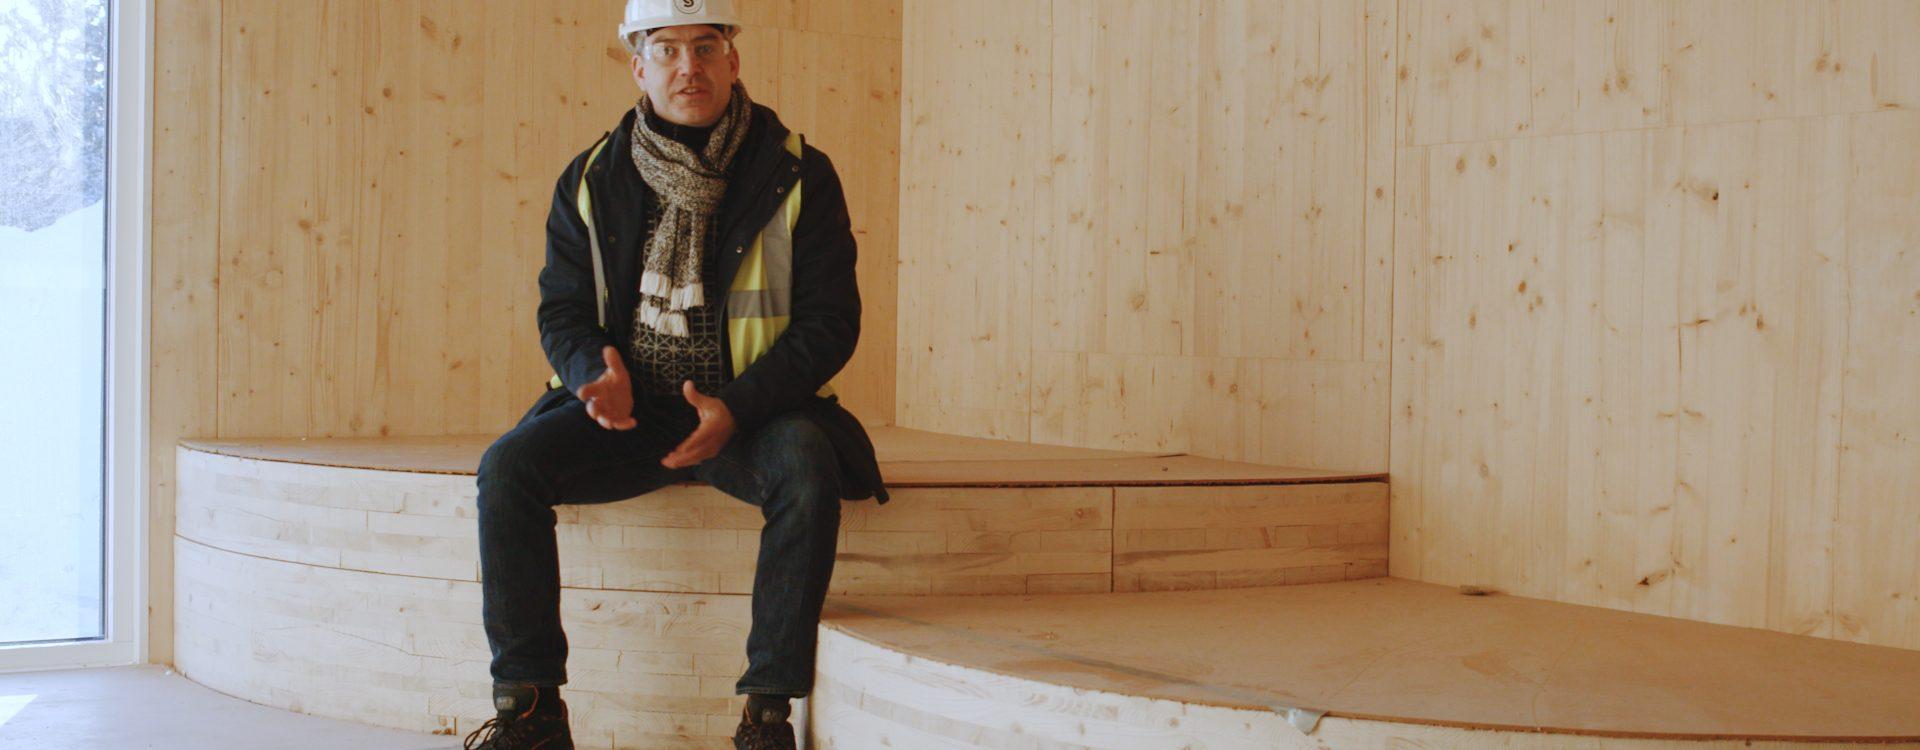 """– Gleder meg virkelig til å komme tilbake på besøk når skolen har blitt tatt i bruk, sier arkitekt og daglig leder i SPINN Arkiktekter, James Dodson som var strålende fornøyd etter befaringen i """"hjerterommet"""" på nye Flesberg skole."""